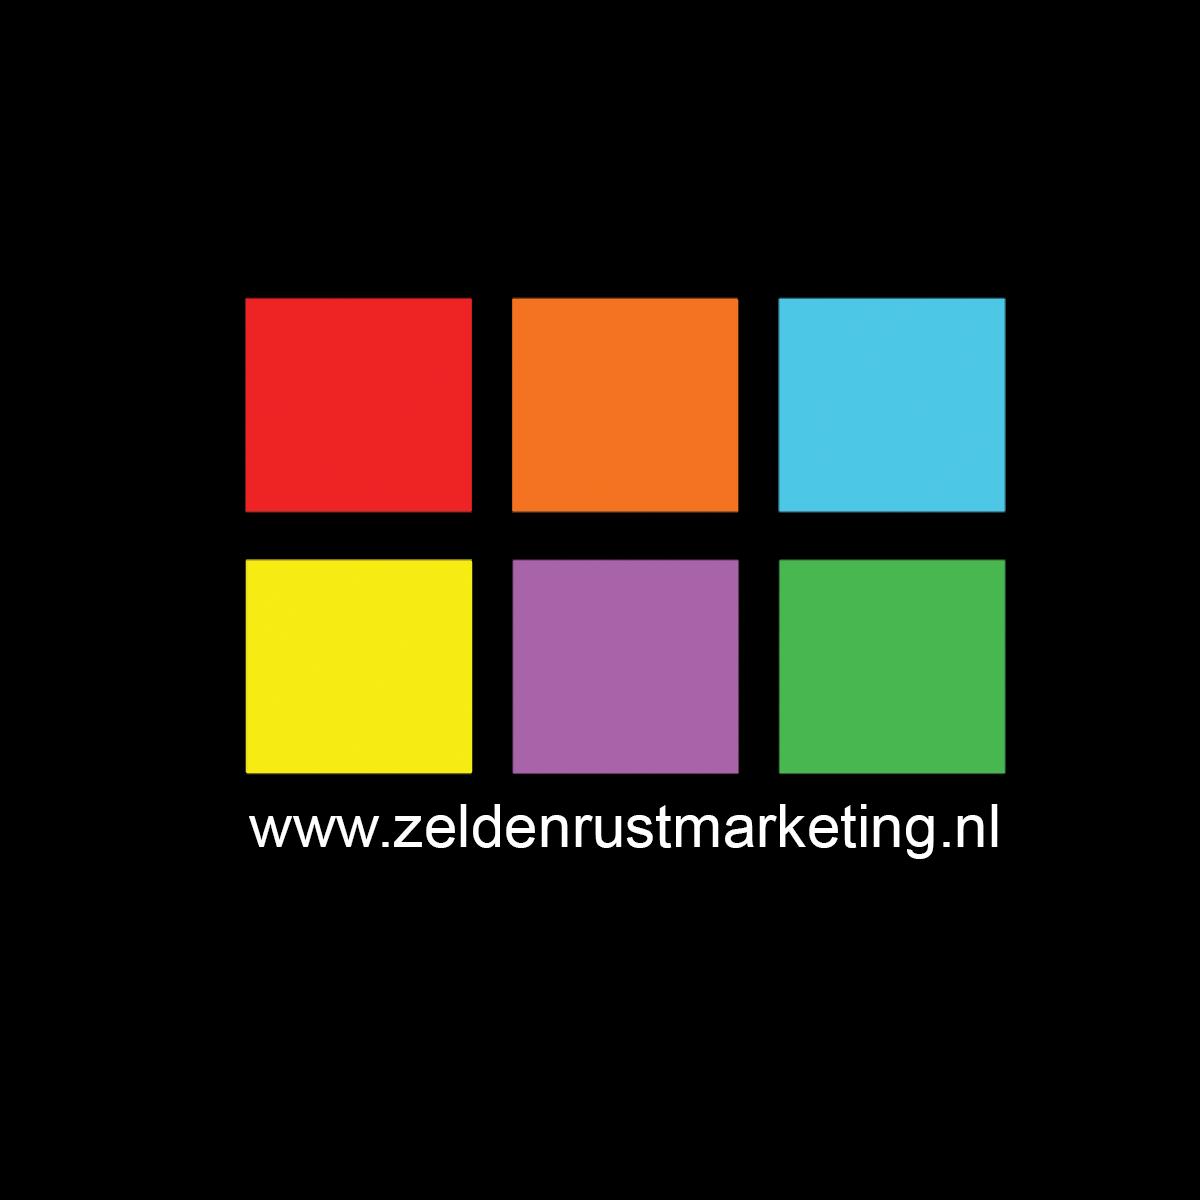 zeldenrustmarketinghome1200x1200